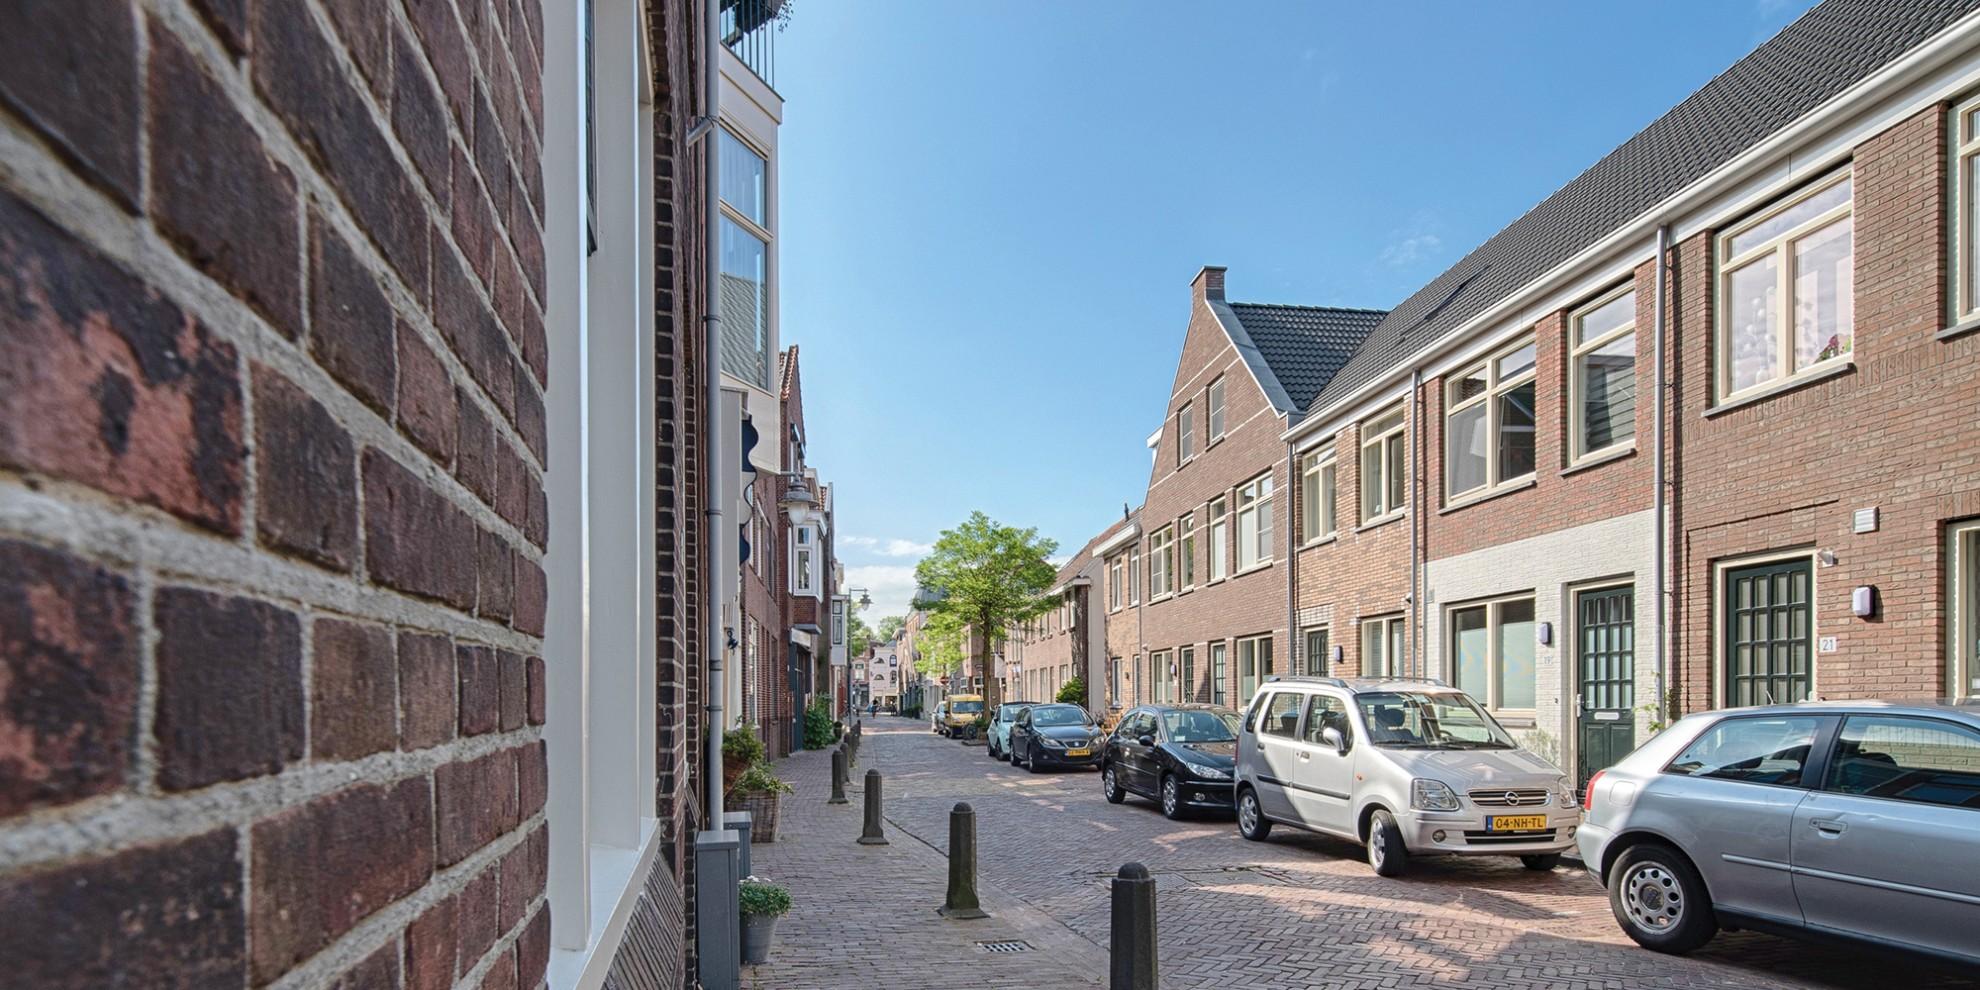 Wilhelminastraat | Speldenmakerssteeg